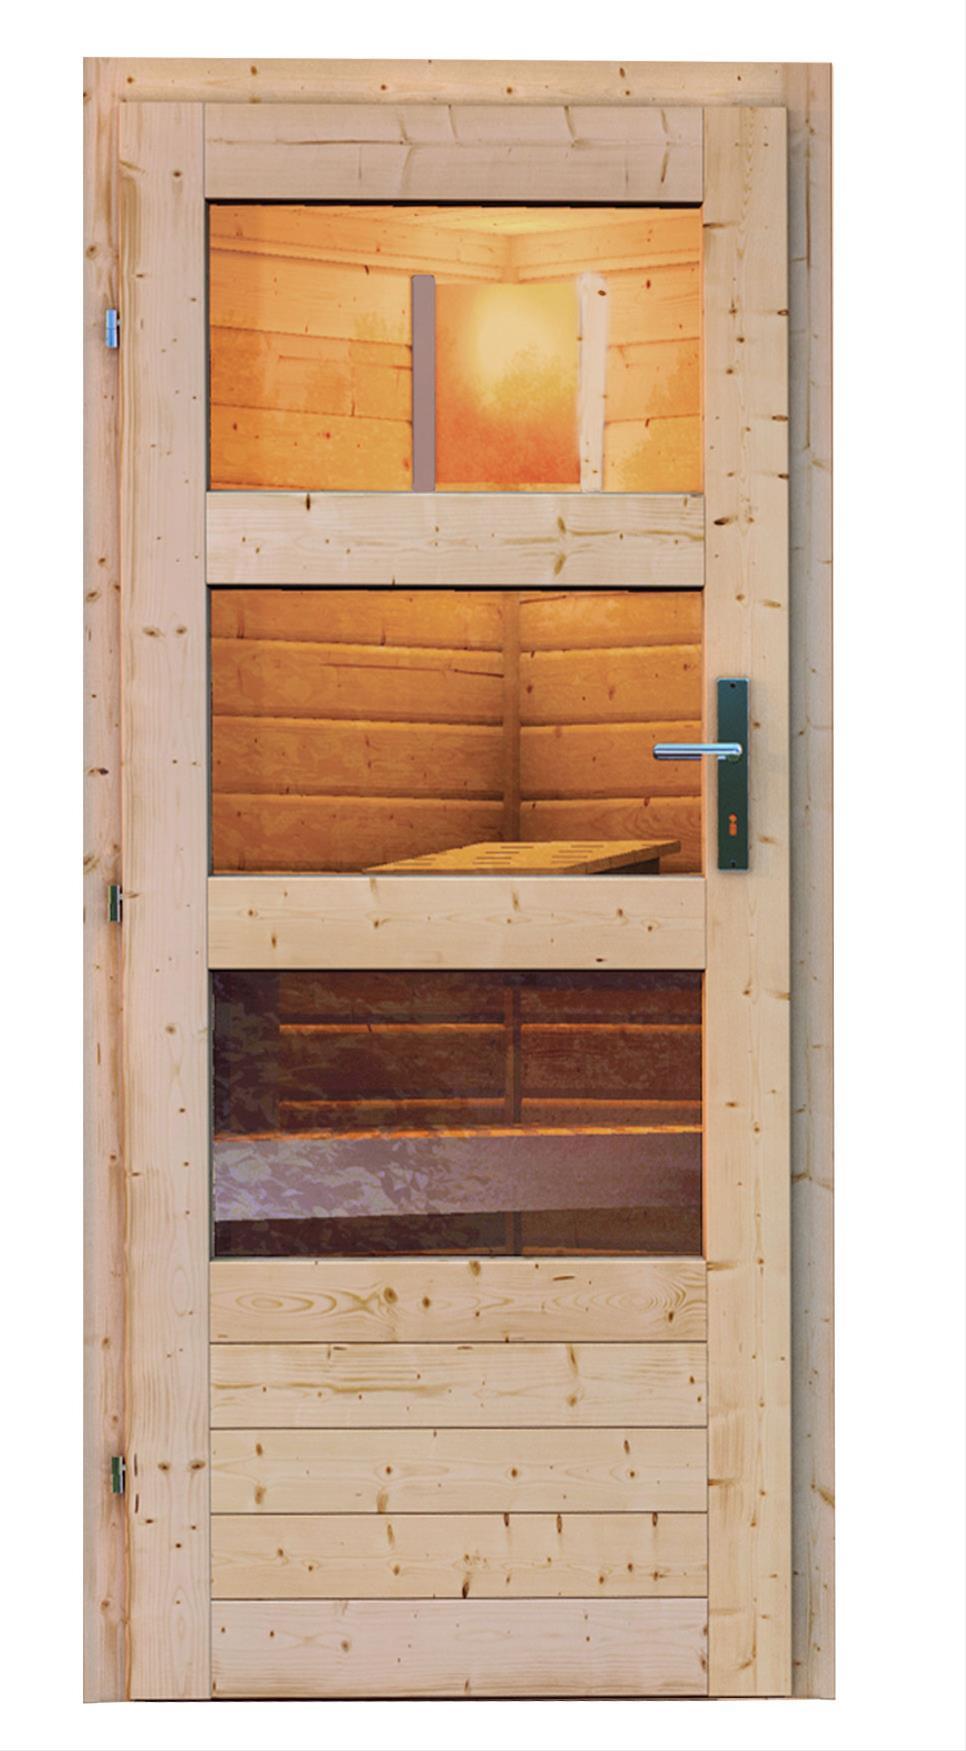 Gartensauna Karibu Saunahaus Kroge 38mm Ofen 9kW intern Tür modern Bild 5